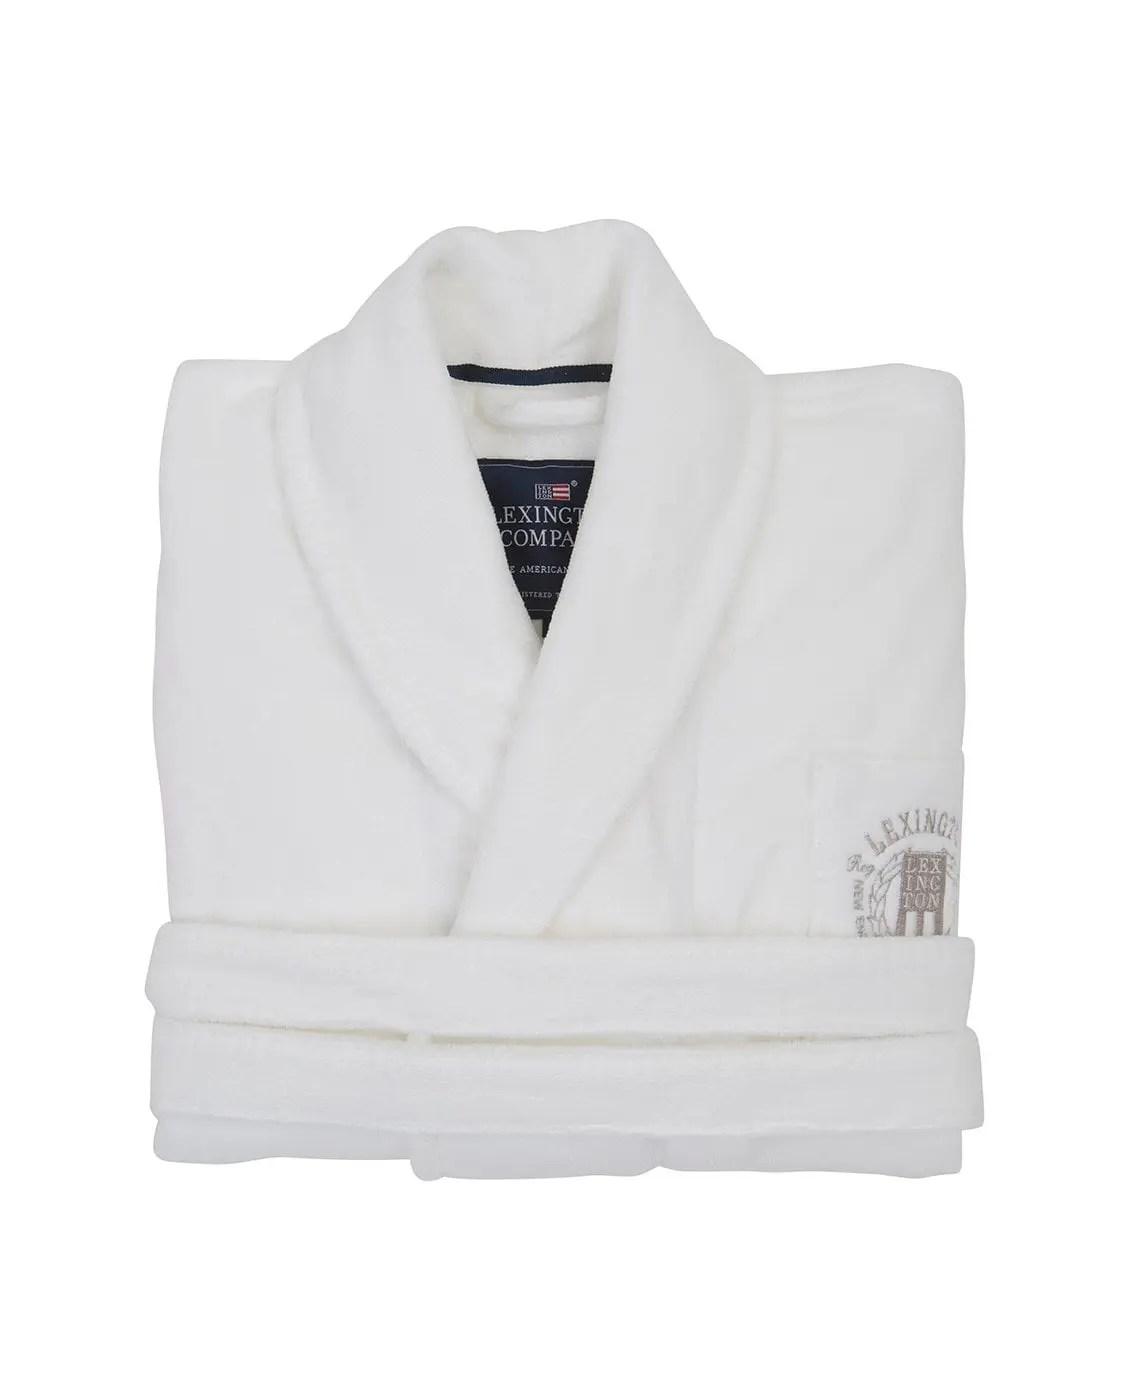 Hem   Webbshop   Badrum   Textil   Badrockar   Lexington Hotel Velour Robe  White S 74d2d872fa345